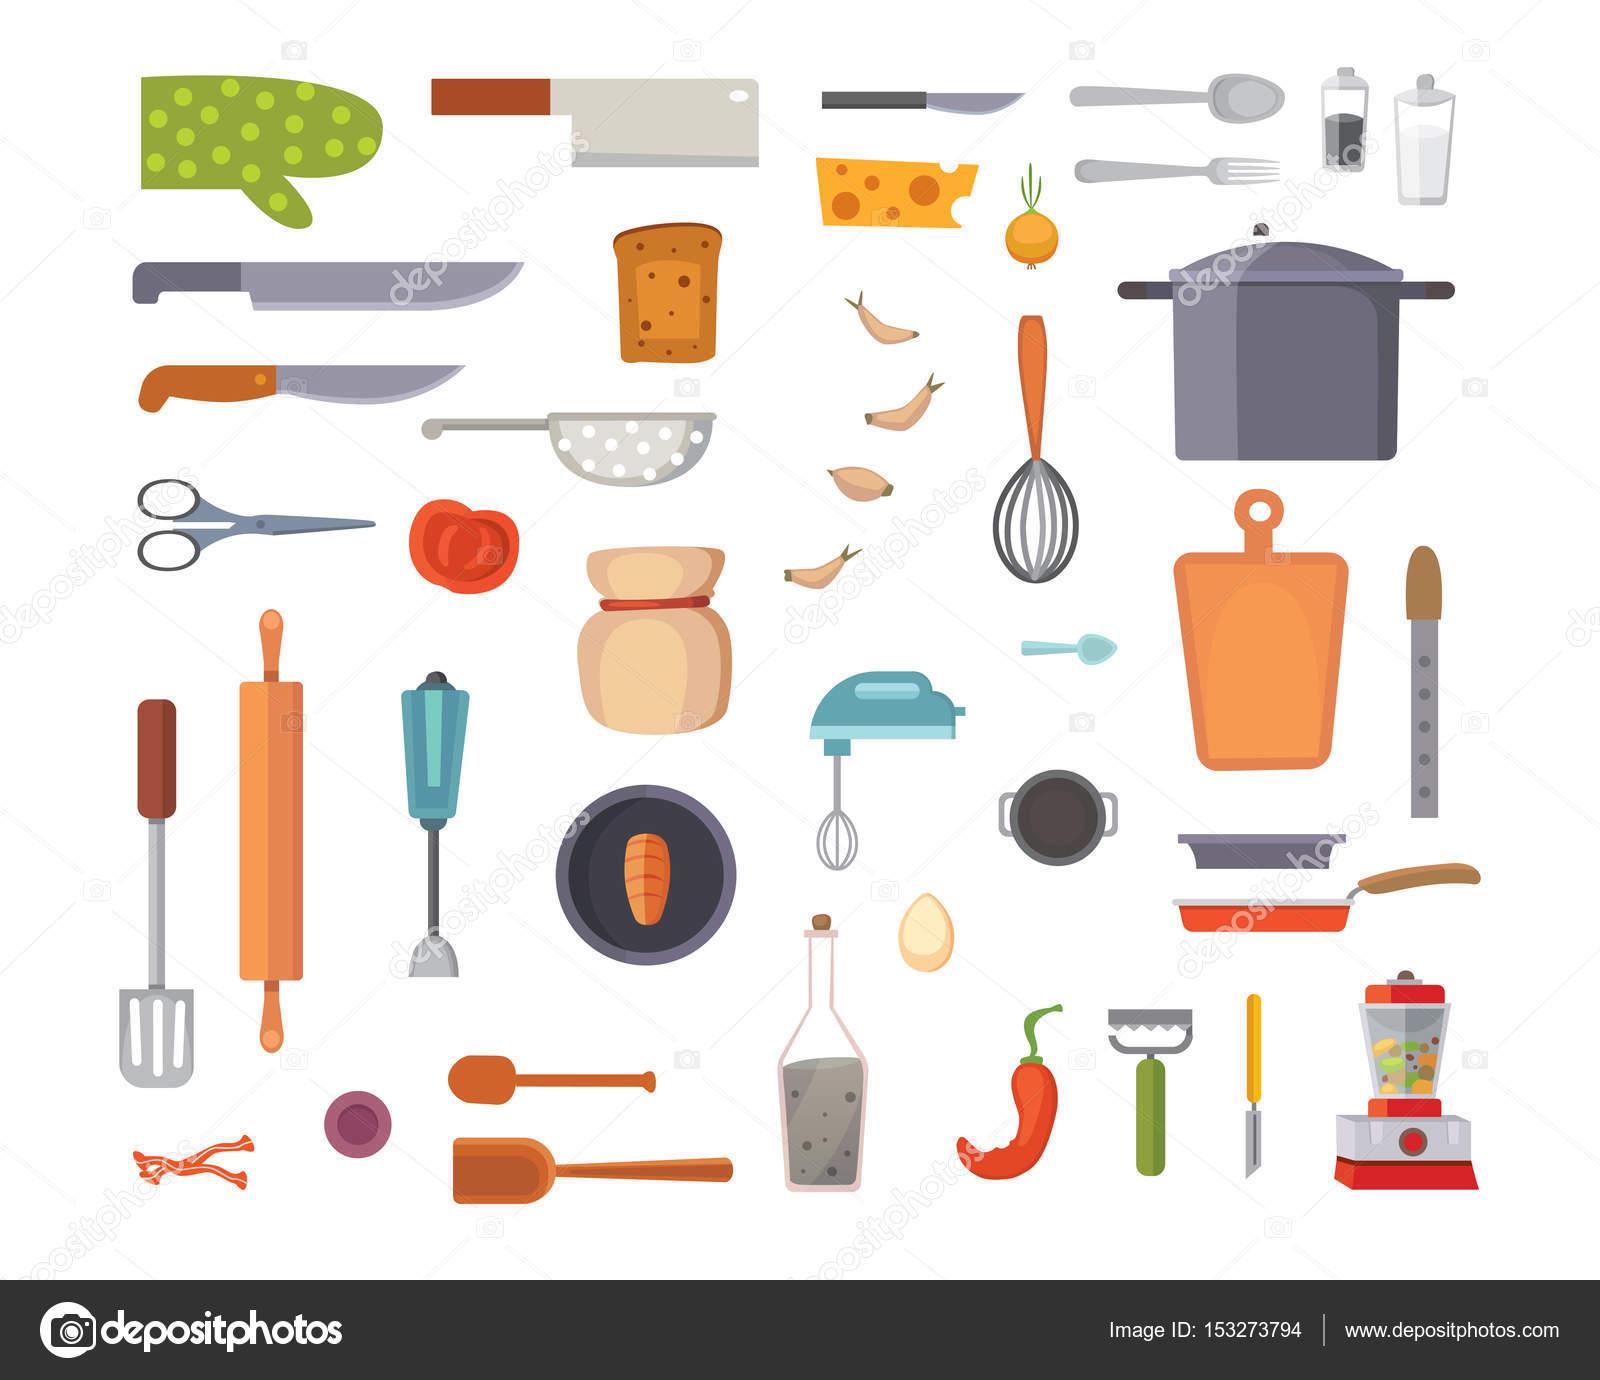 Utensili da cucina set di vettore strumenti di cottura stile piano cucinare equipaggiamento - Strumenti da cucina ...